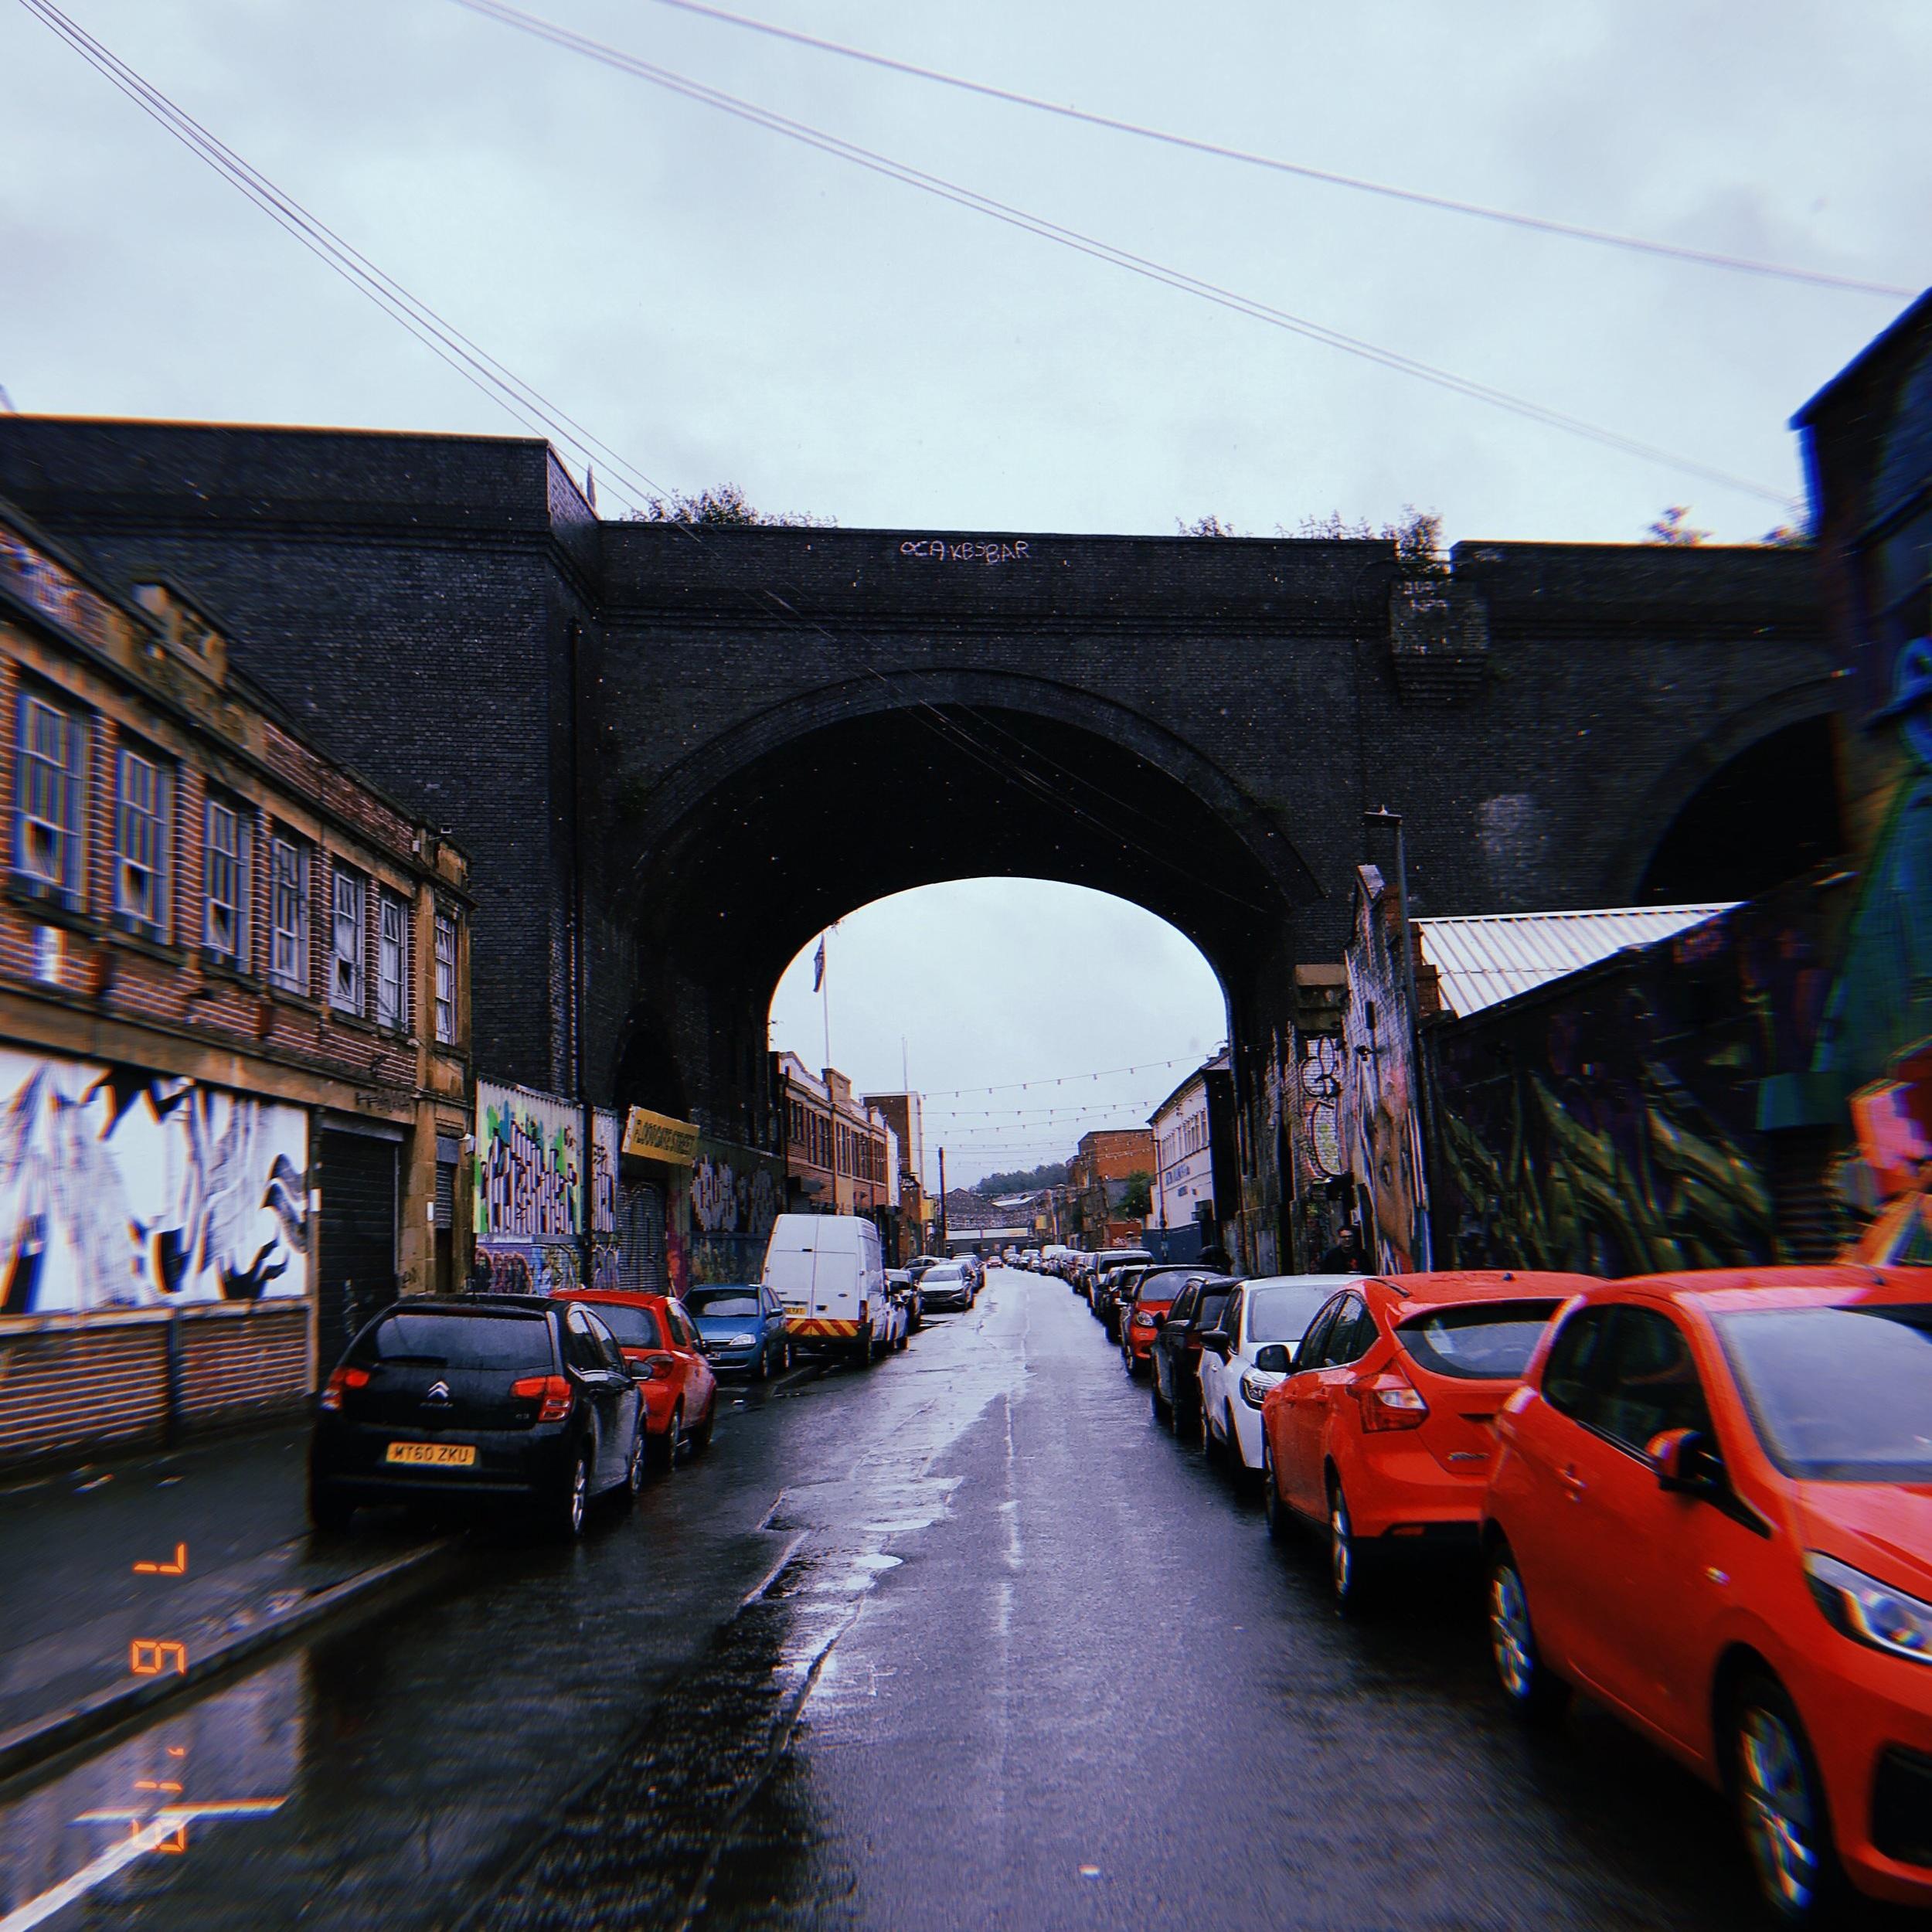 Floodgate Street